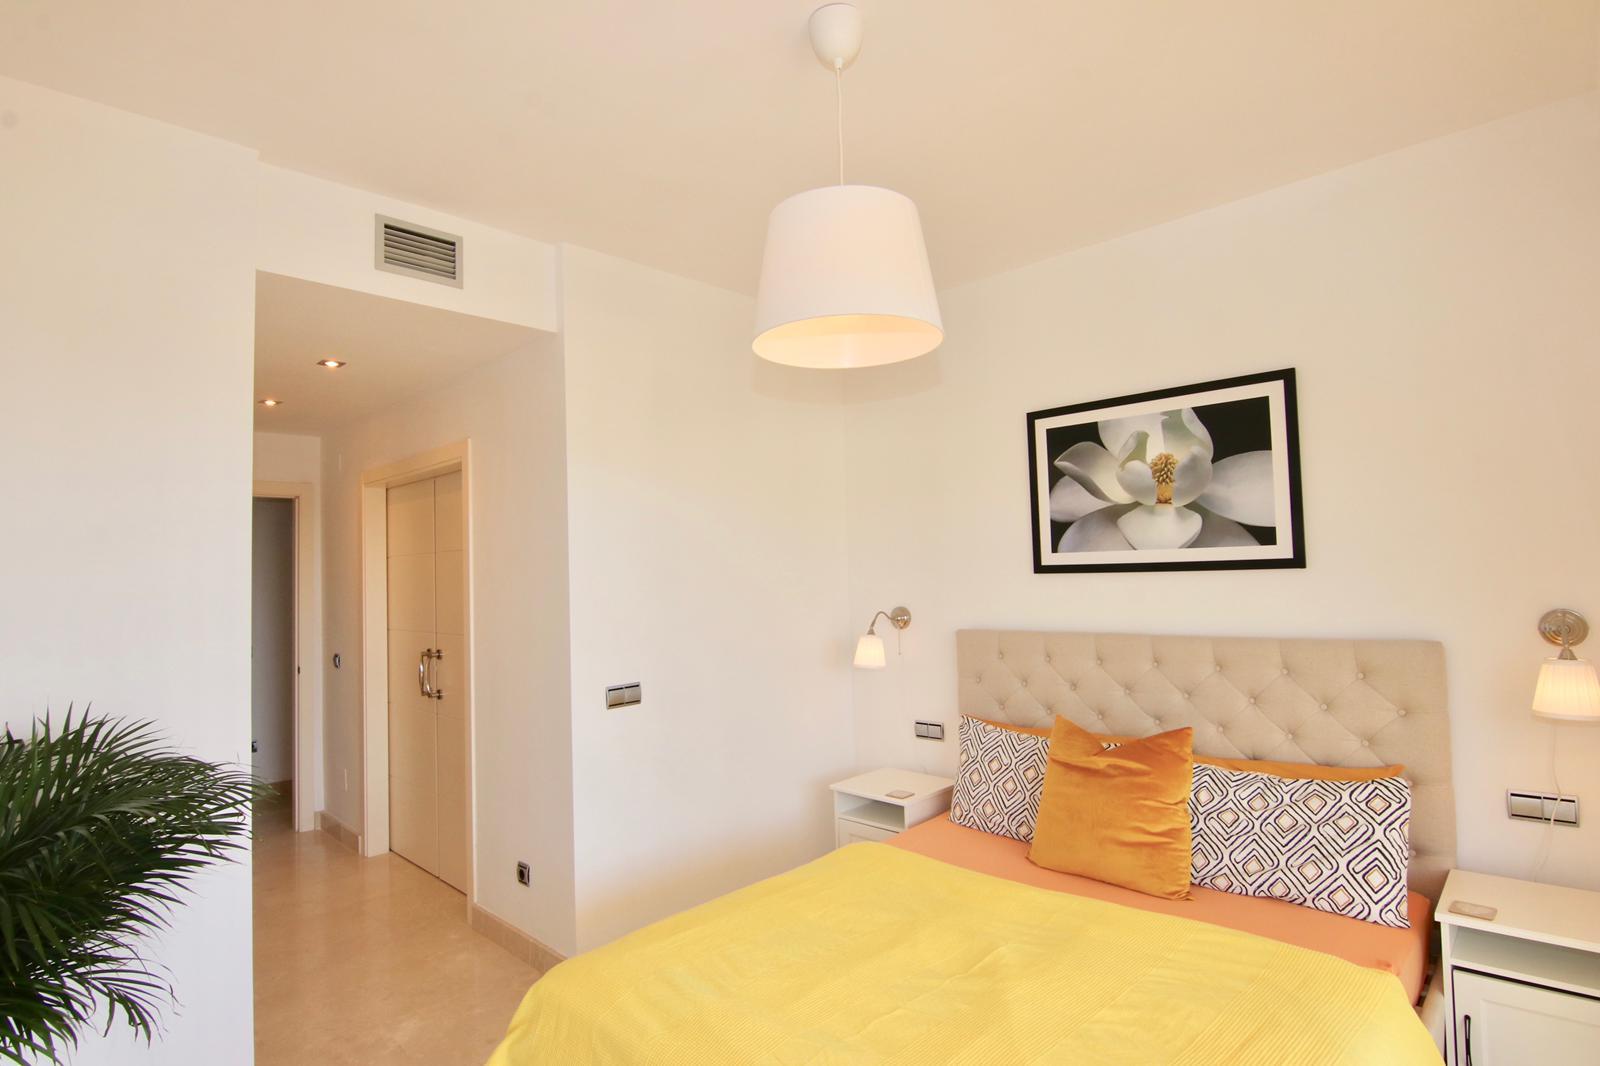 foto ložnice s čalouněnou postelí a obrazem na stěně a stropním světlem